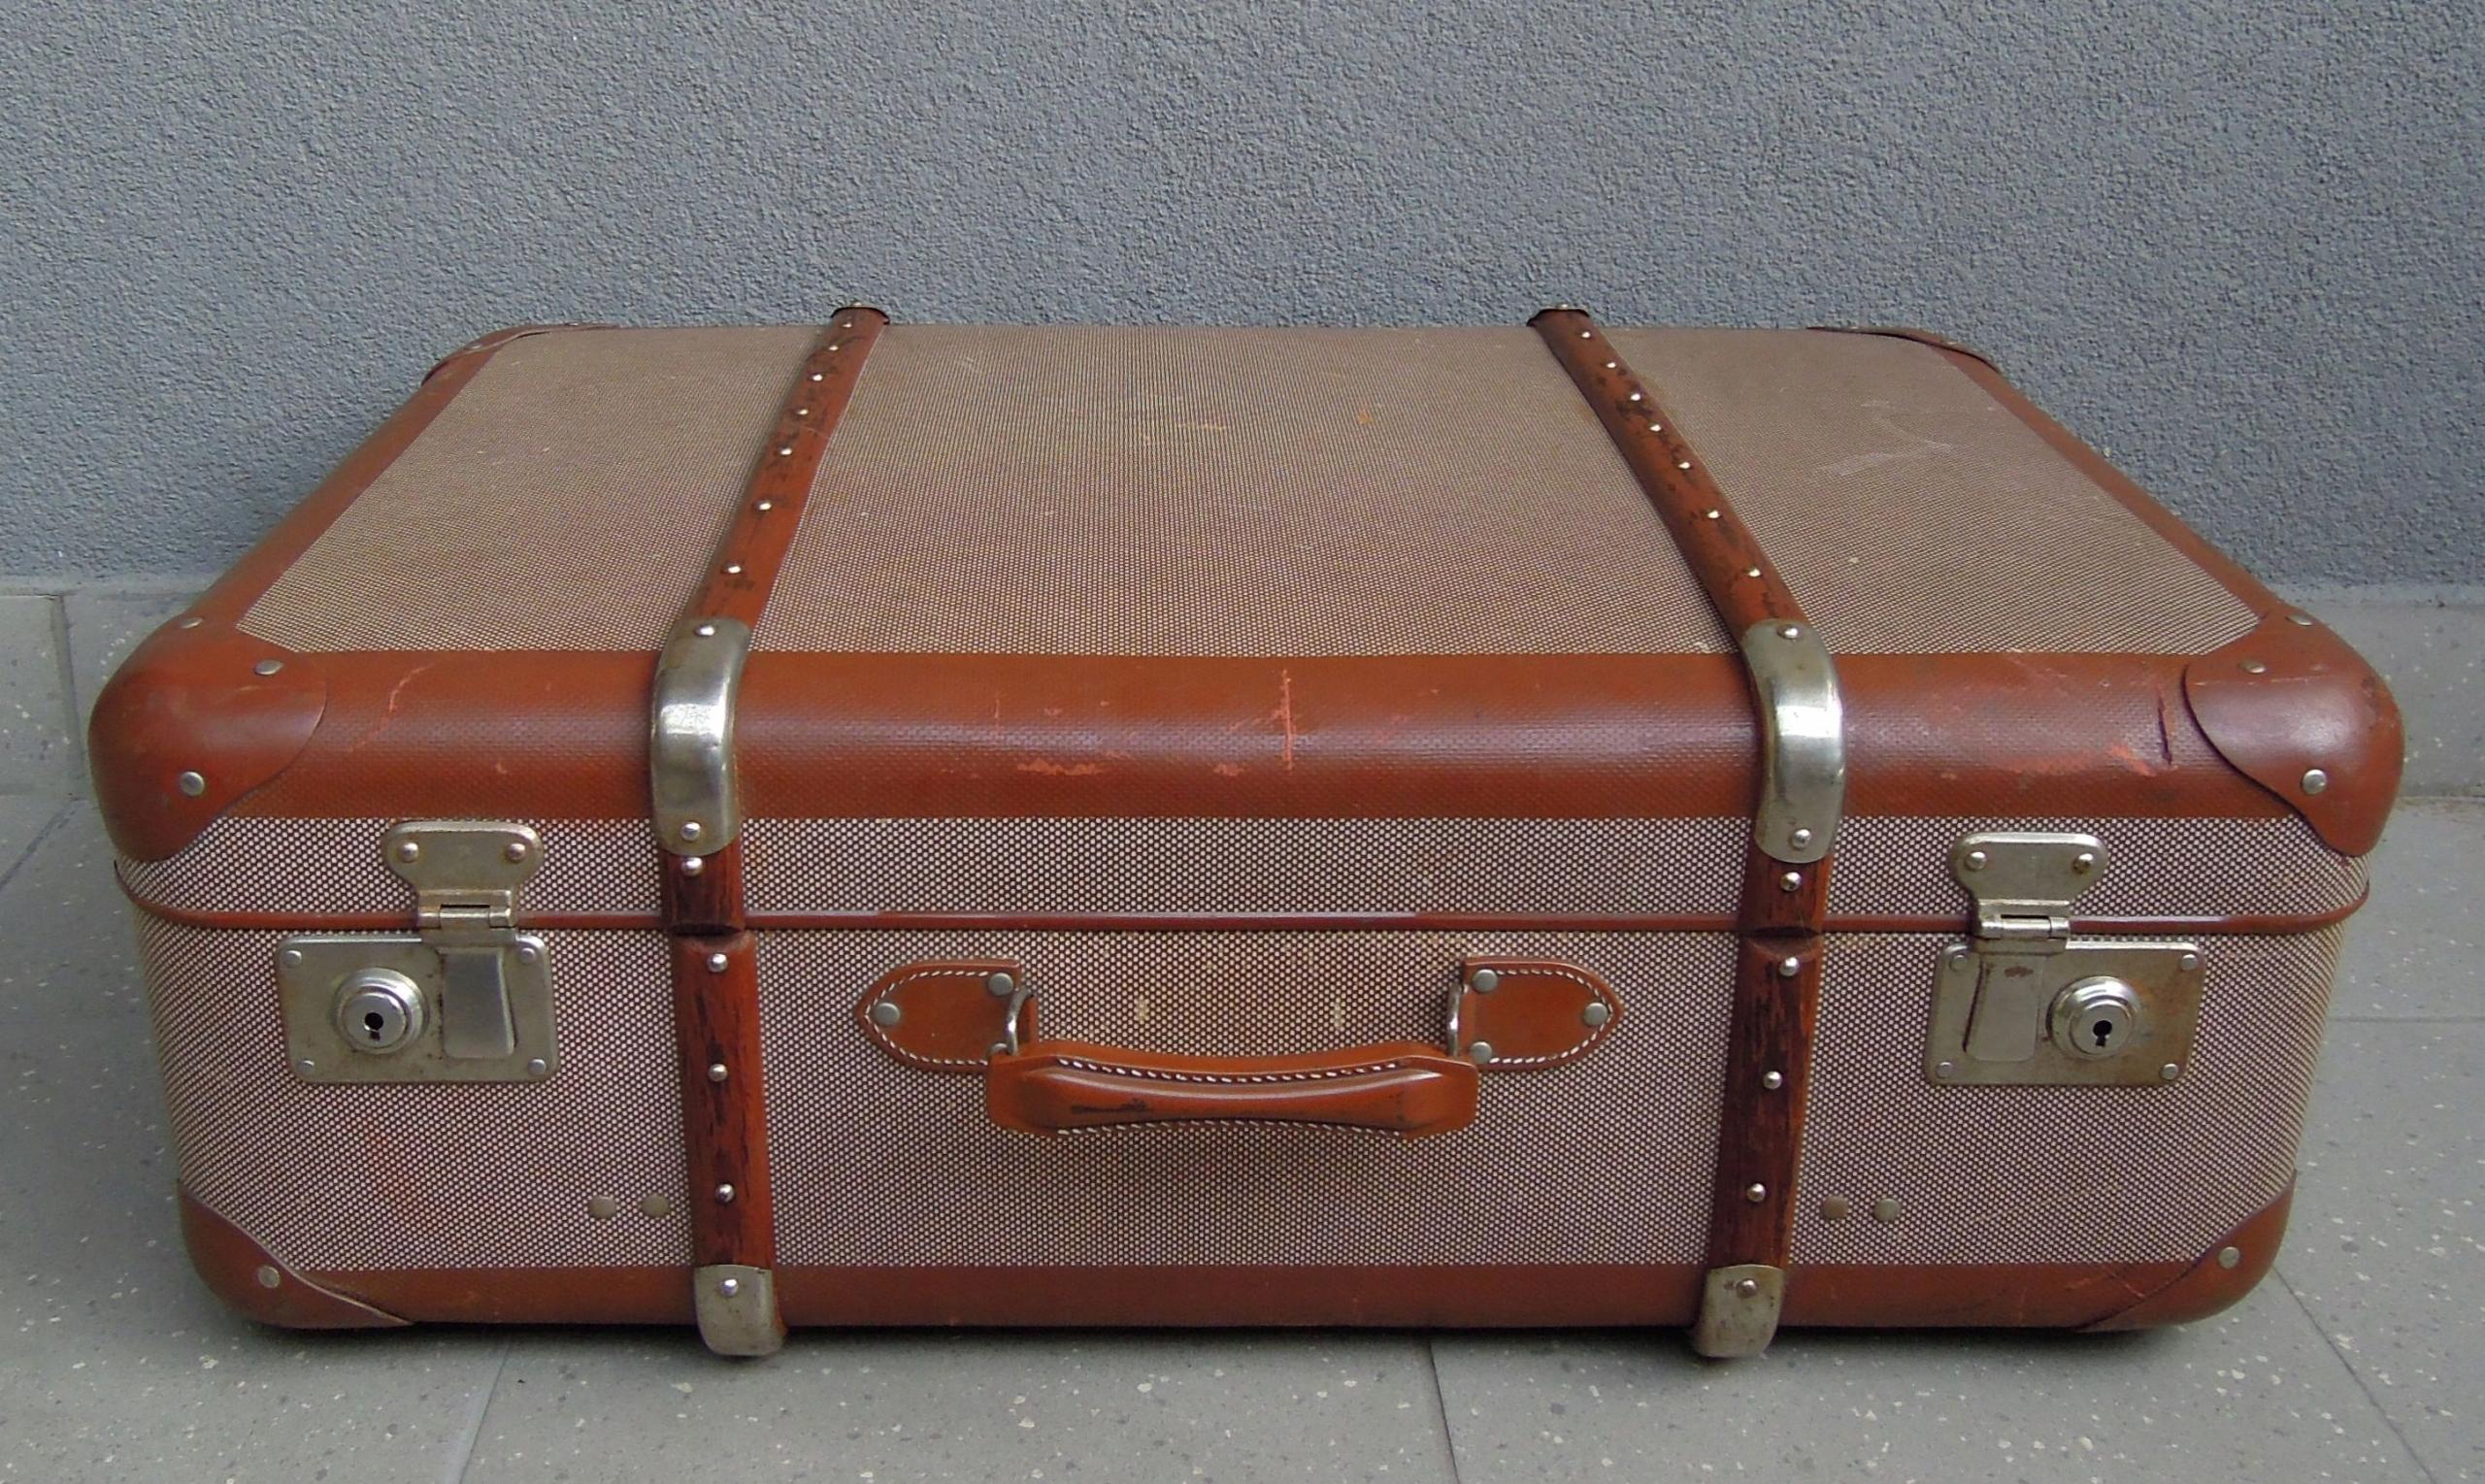 Stara Walizka Kufer Podróżny Retro Vintage